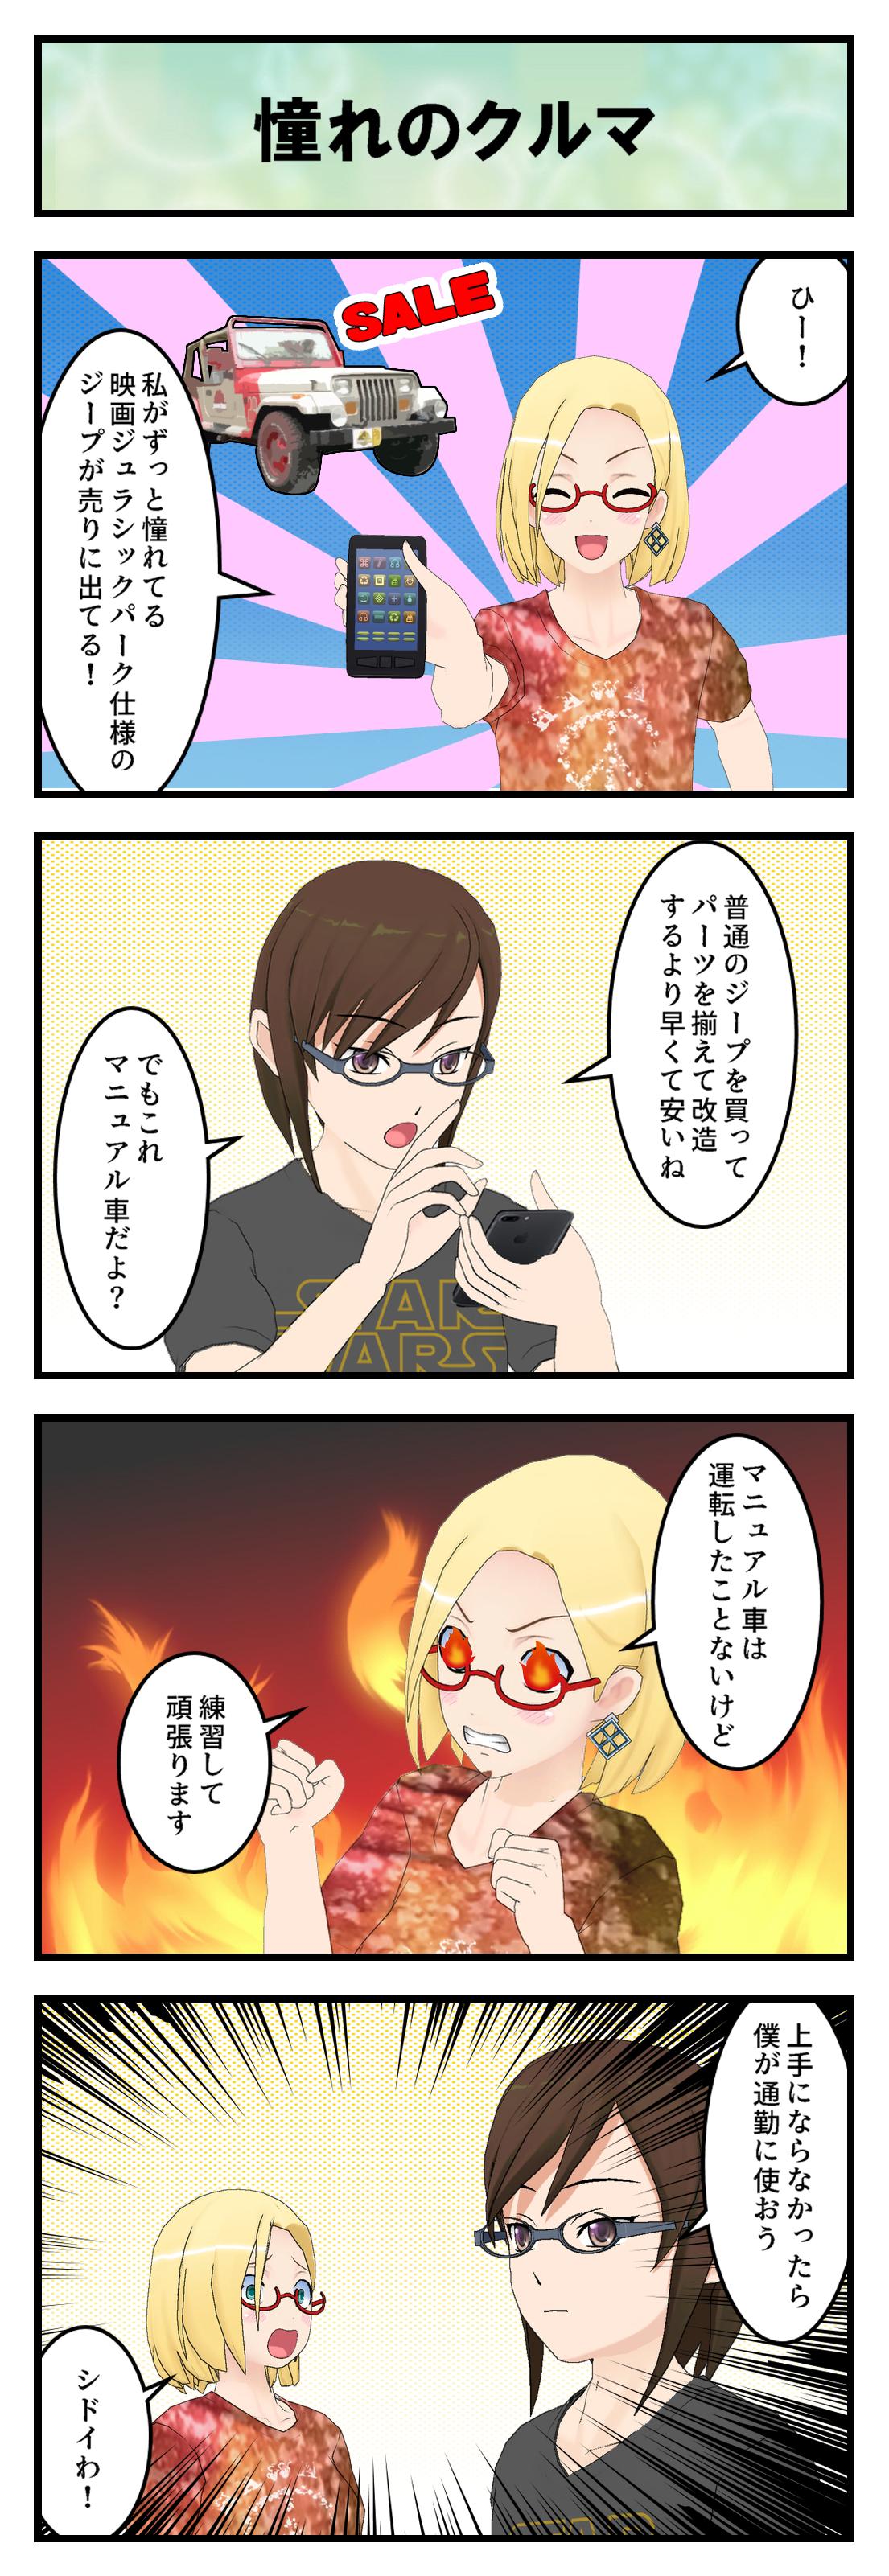 R583_ジープ_001